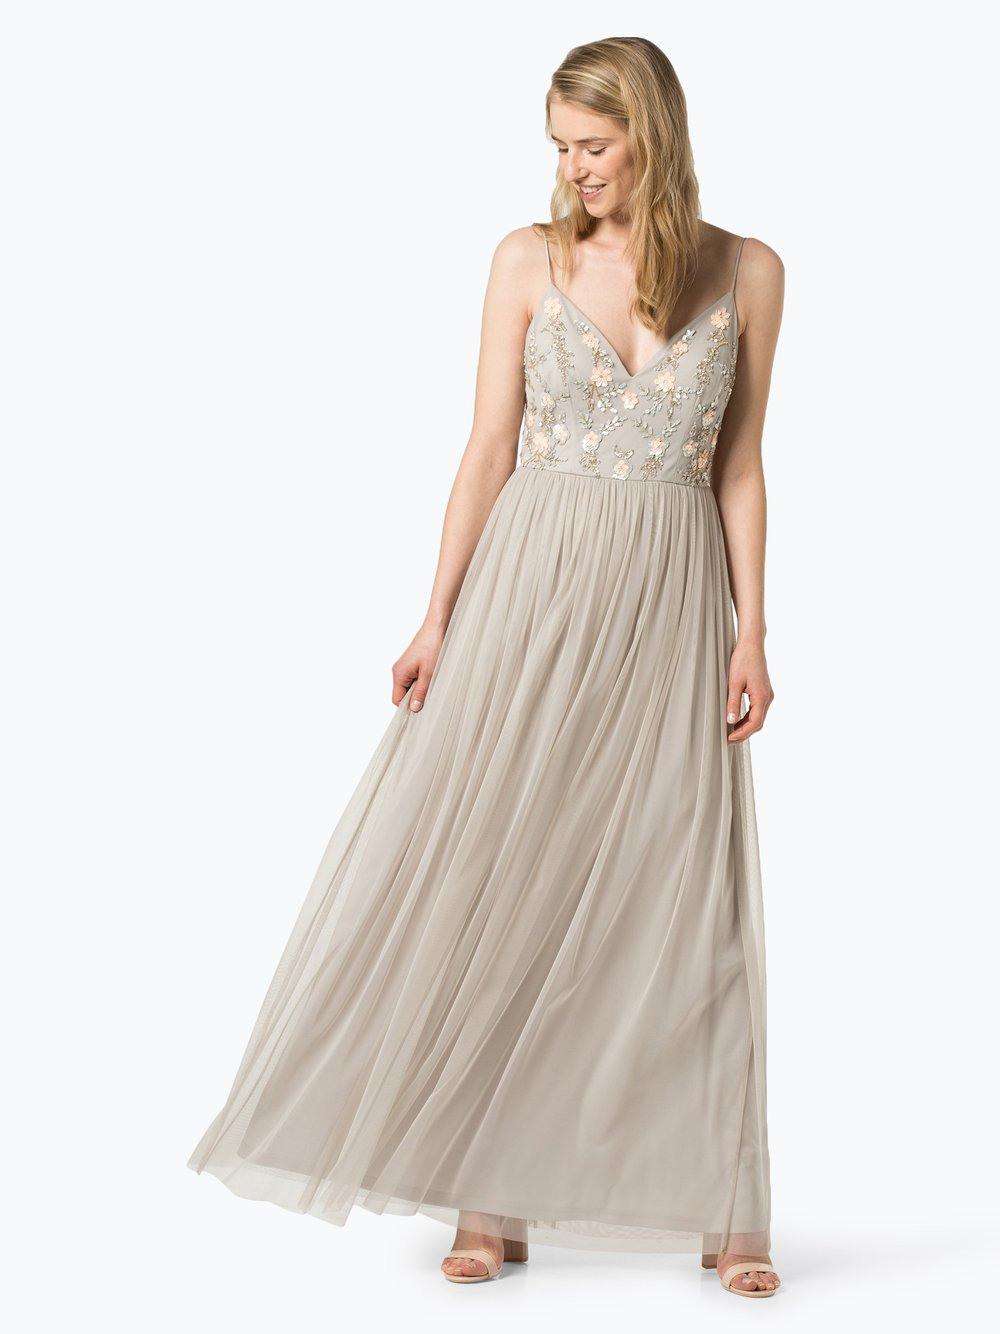 20 Fantastisch Marie Lund Damen Abendkleid Stylish17 Cool Marie Lund Damen Abendkleid Ärmel